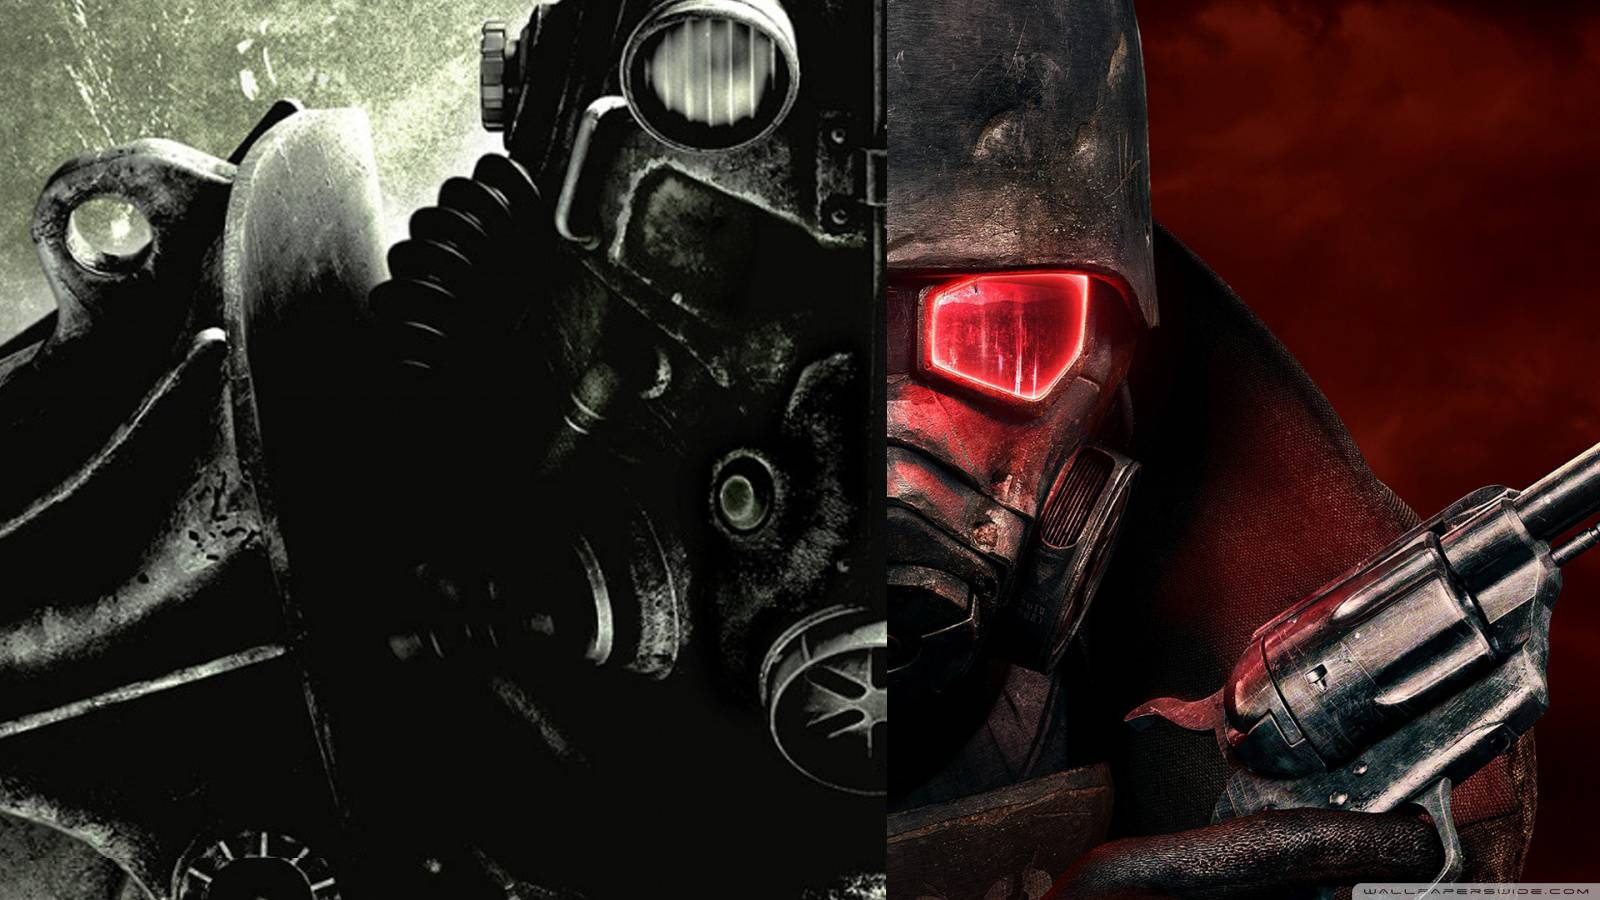 Fallout 3 New Vegas Wallpaper HD 1600x900